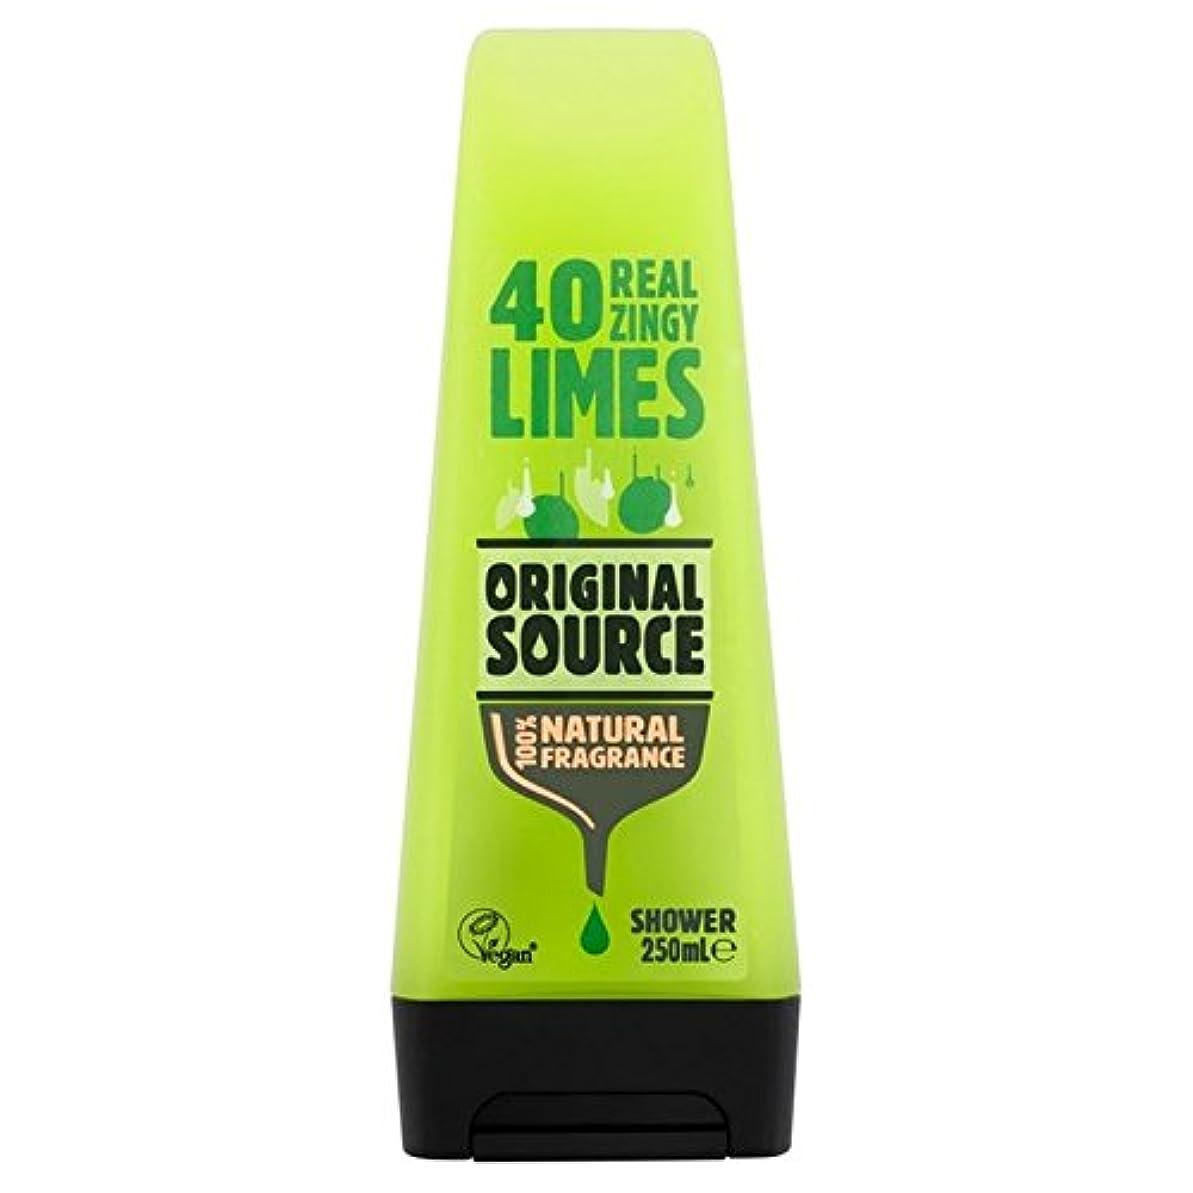 研磨剤吸収する野生元のソースライムシャワージェル250ミリリットル x2 - Original Source Lime Shower Gel 250ml (Pack of 2) [並行輸入品]